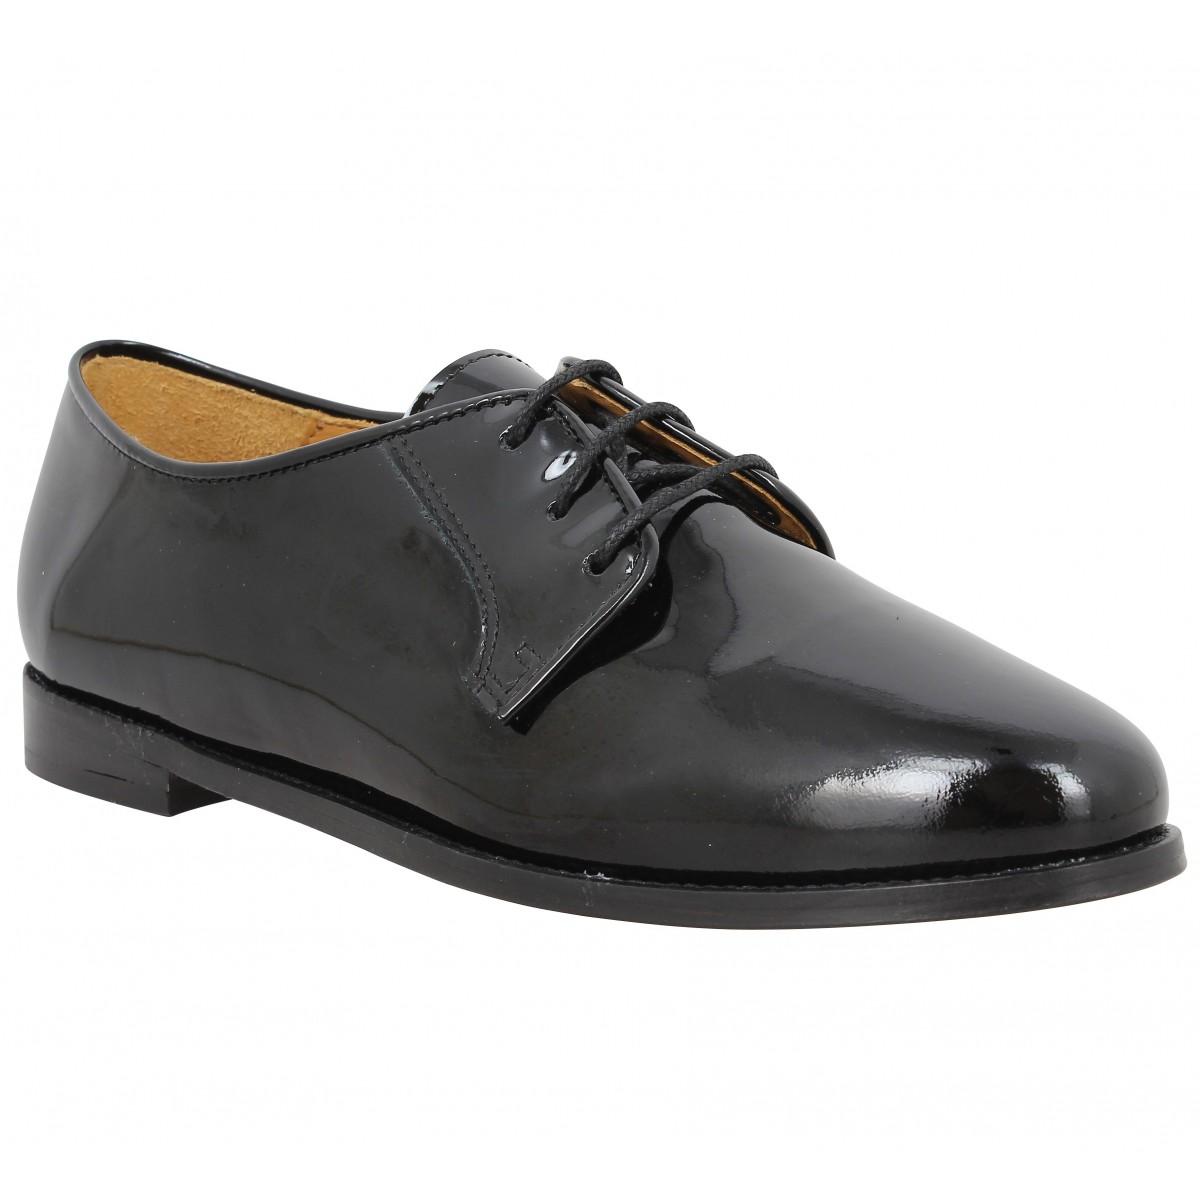 Chaussures à lacets BOBBIES La Craneuse vernis Femme Noir